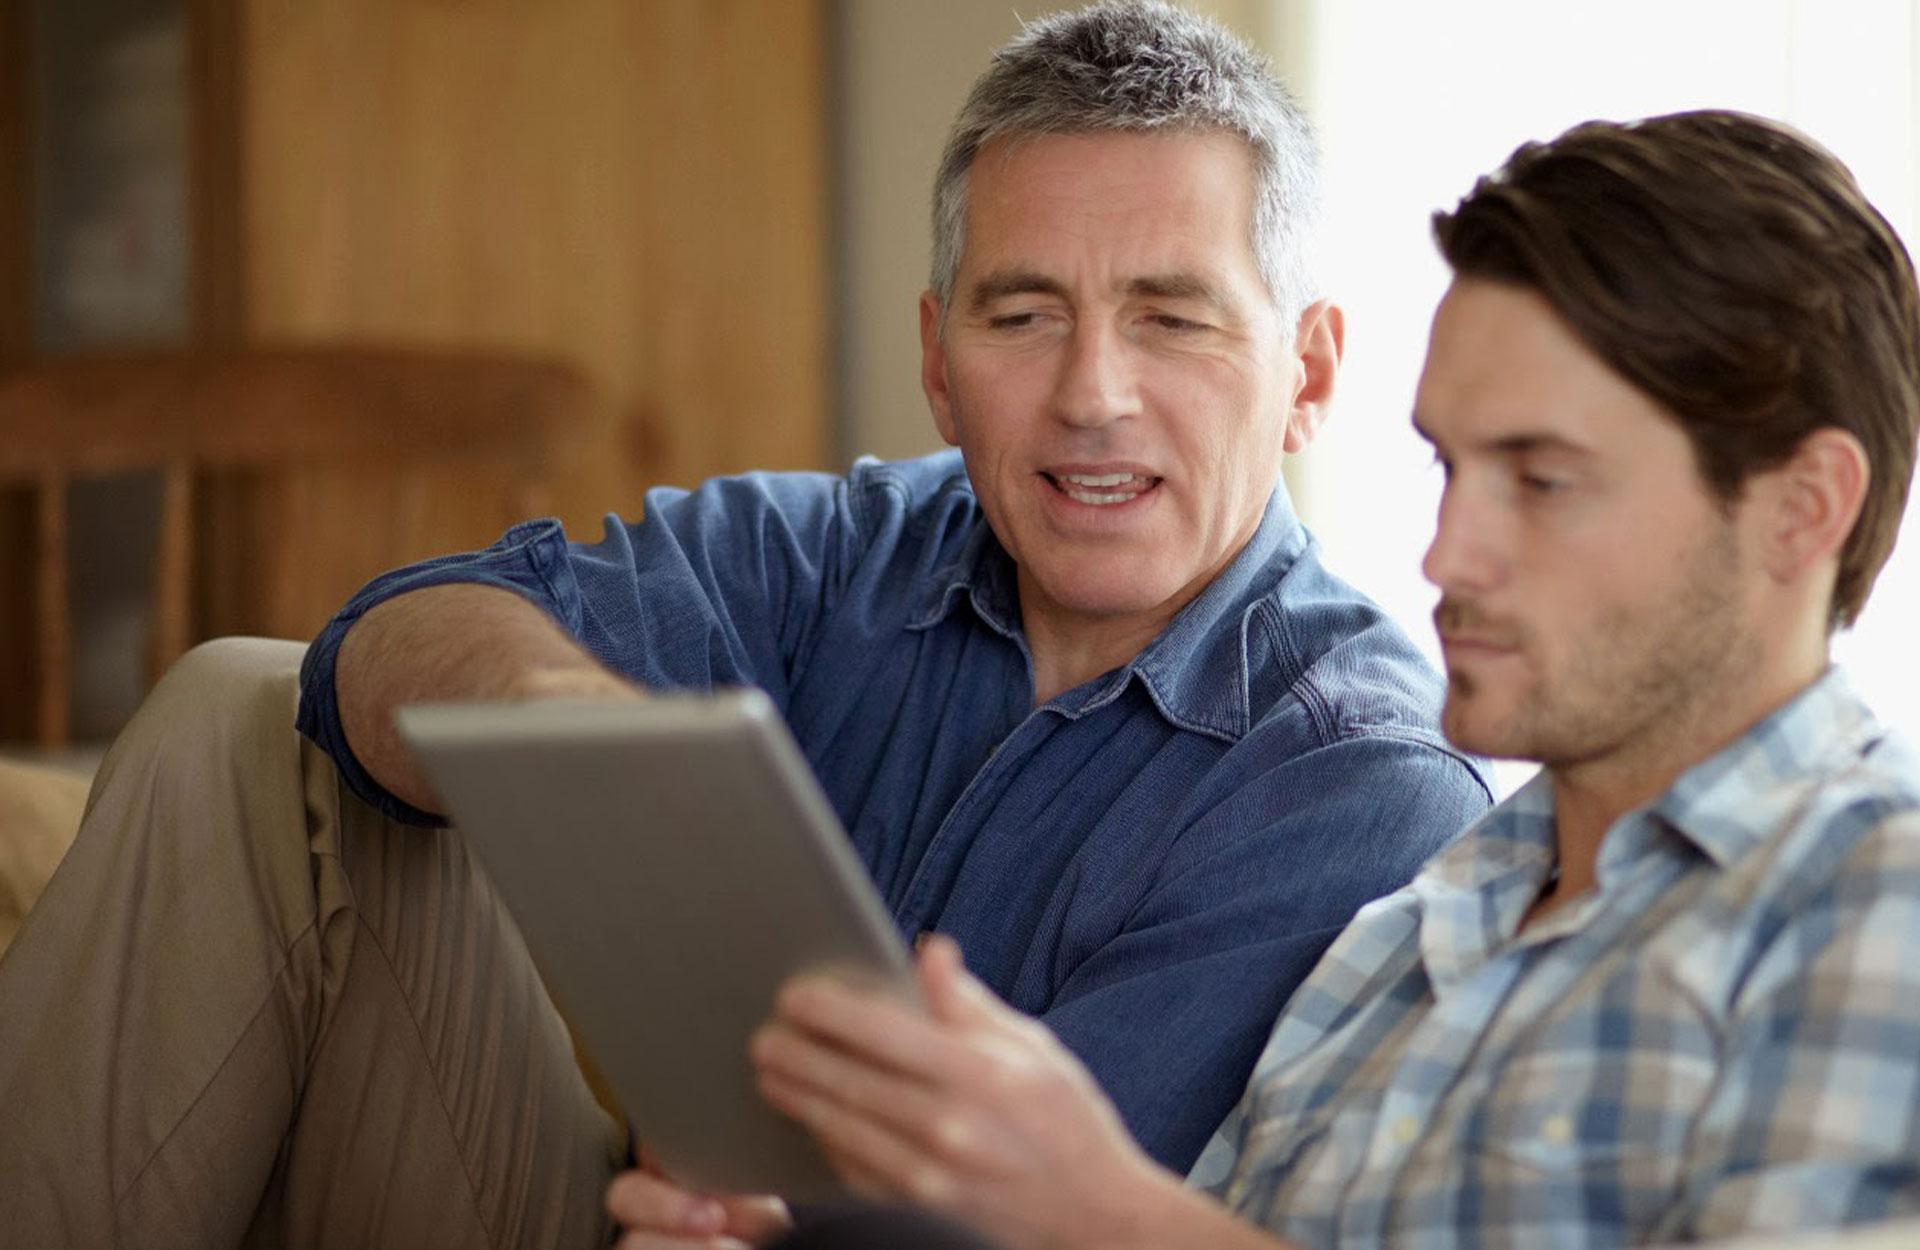 père et fils desktop